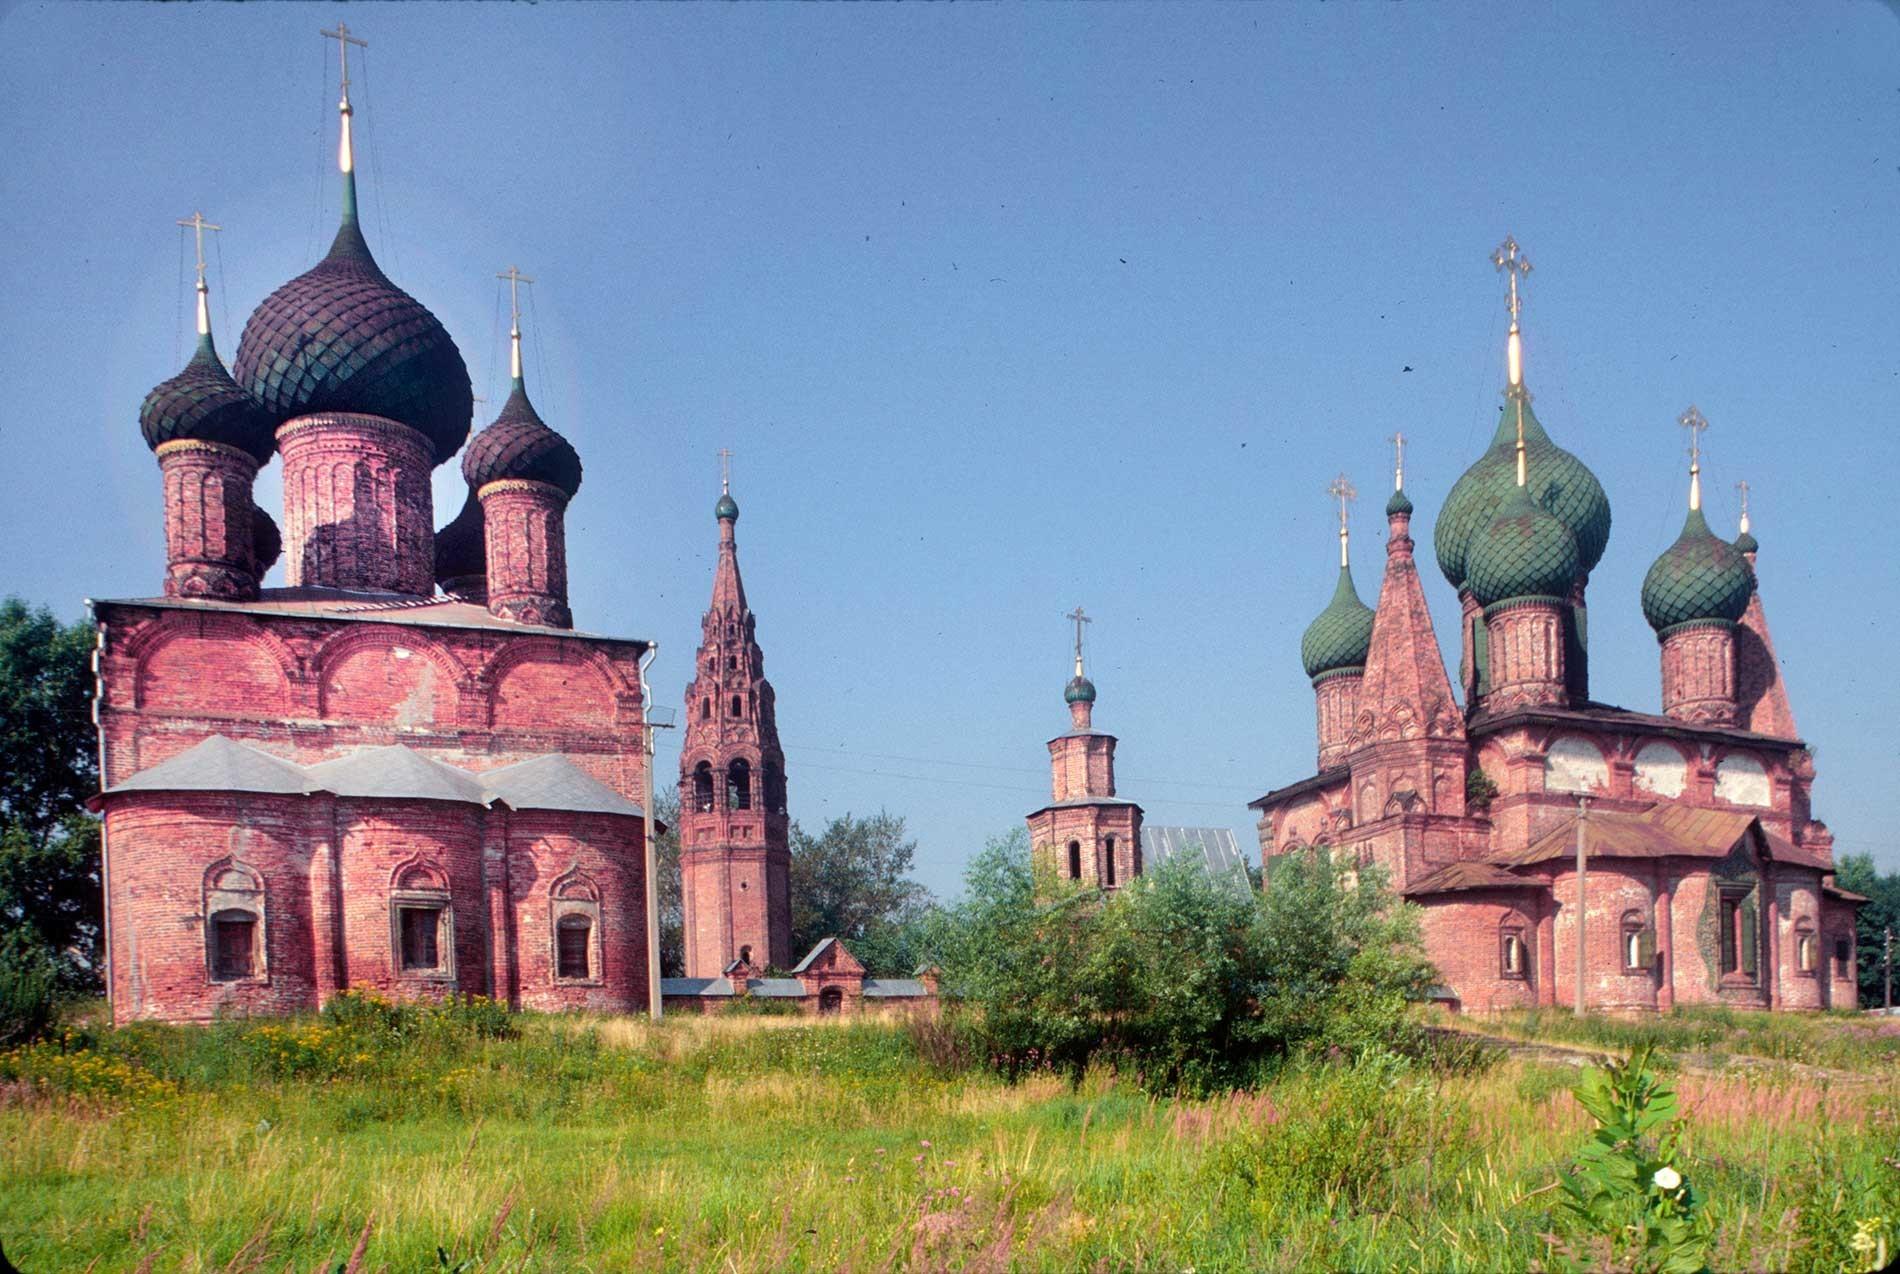 Conjunto Koróvniki: Iglesia del Icono de Vladímir (a la izquierda), campanario, Puerta Santa, Iglesia de San Juan Crisóstomo. Vista sur desde el Volga. 27 de julio de 1997.